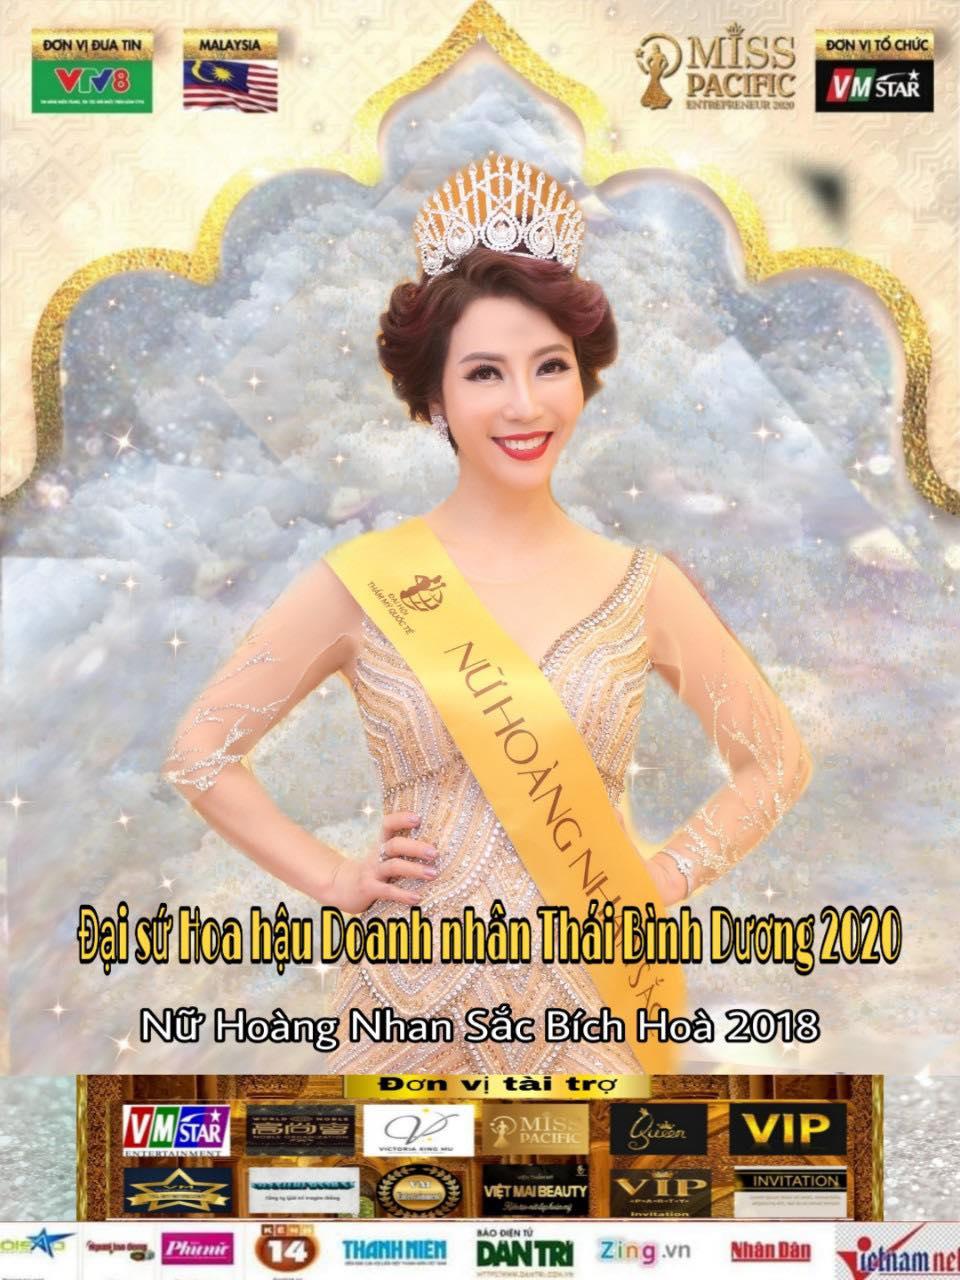 Chủ nhân Thẩm mỹ viện Bích Hòa vinh dự là Đại sứ Hoa hậu Doanh nhân Thái Bình Dương 2020